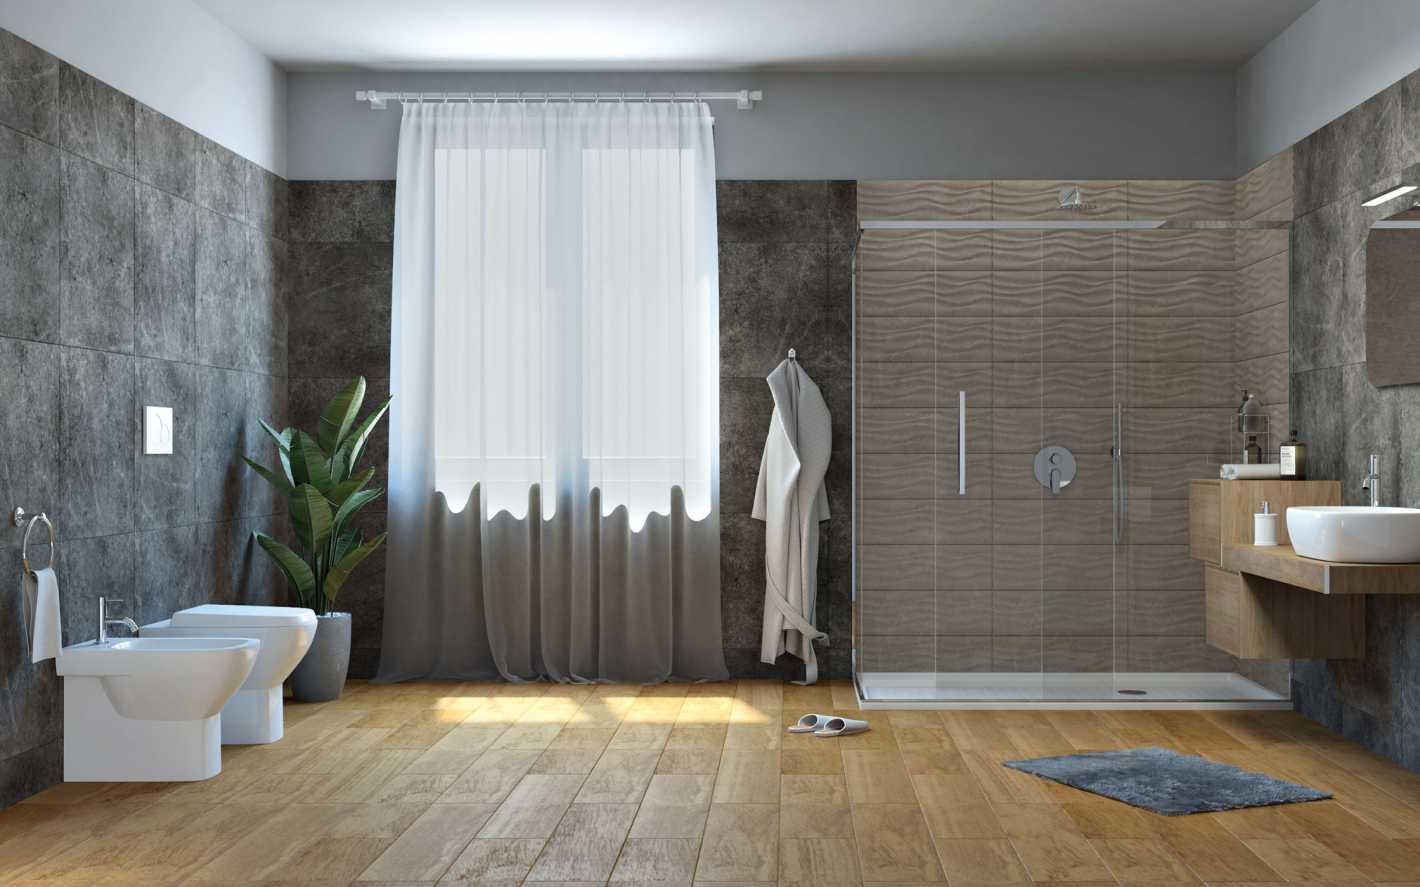 Ristrutturazione completa del bagno in 5 giorni - Bagnitaliani ...